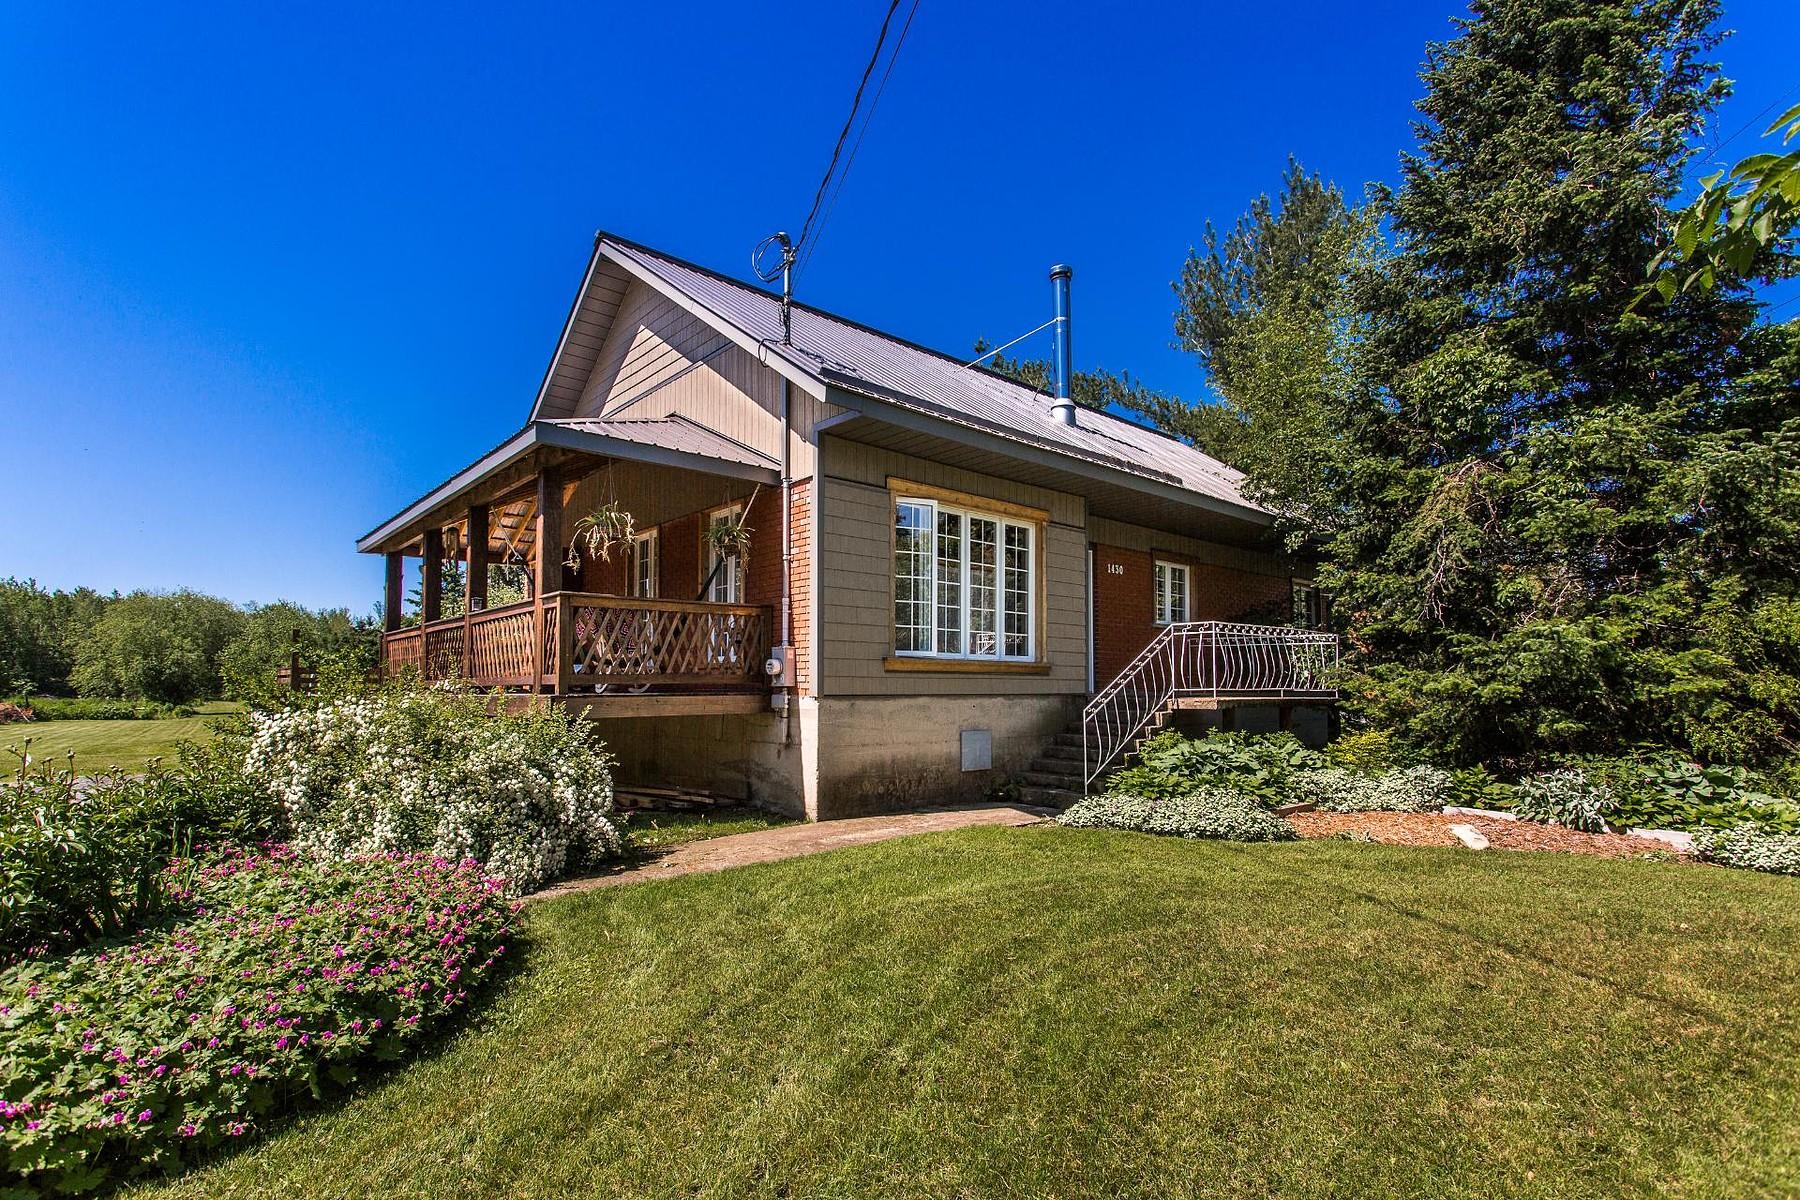 Maison unifamiliale pour l Vente à Rivière-Beaudette, Montérégie 1430 Ch. Ste-Claire Riviere-Beaudette, Québec, J0P1R0 Canada